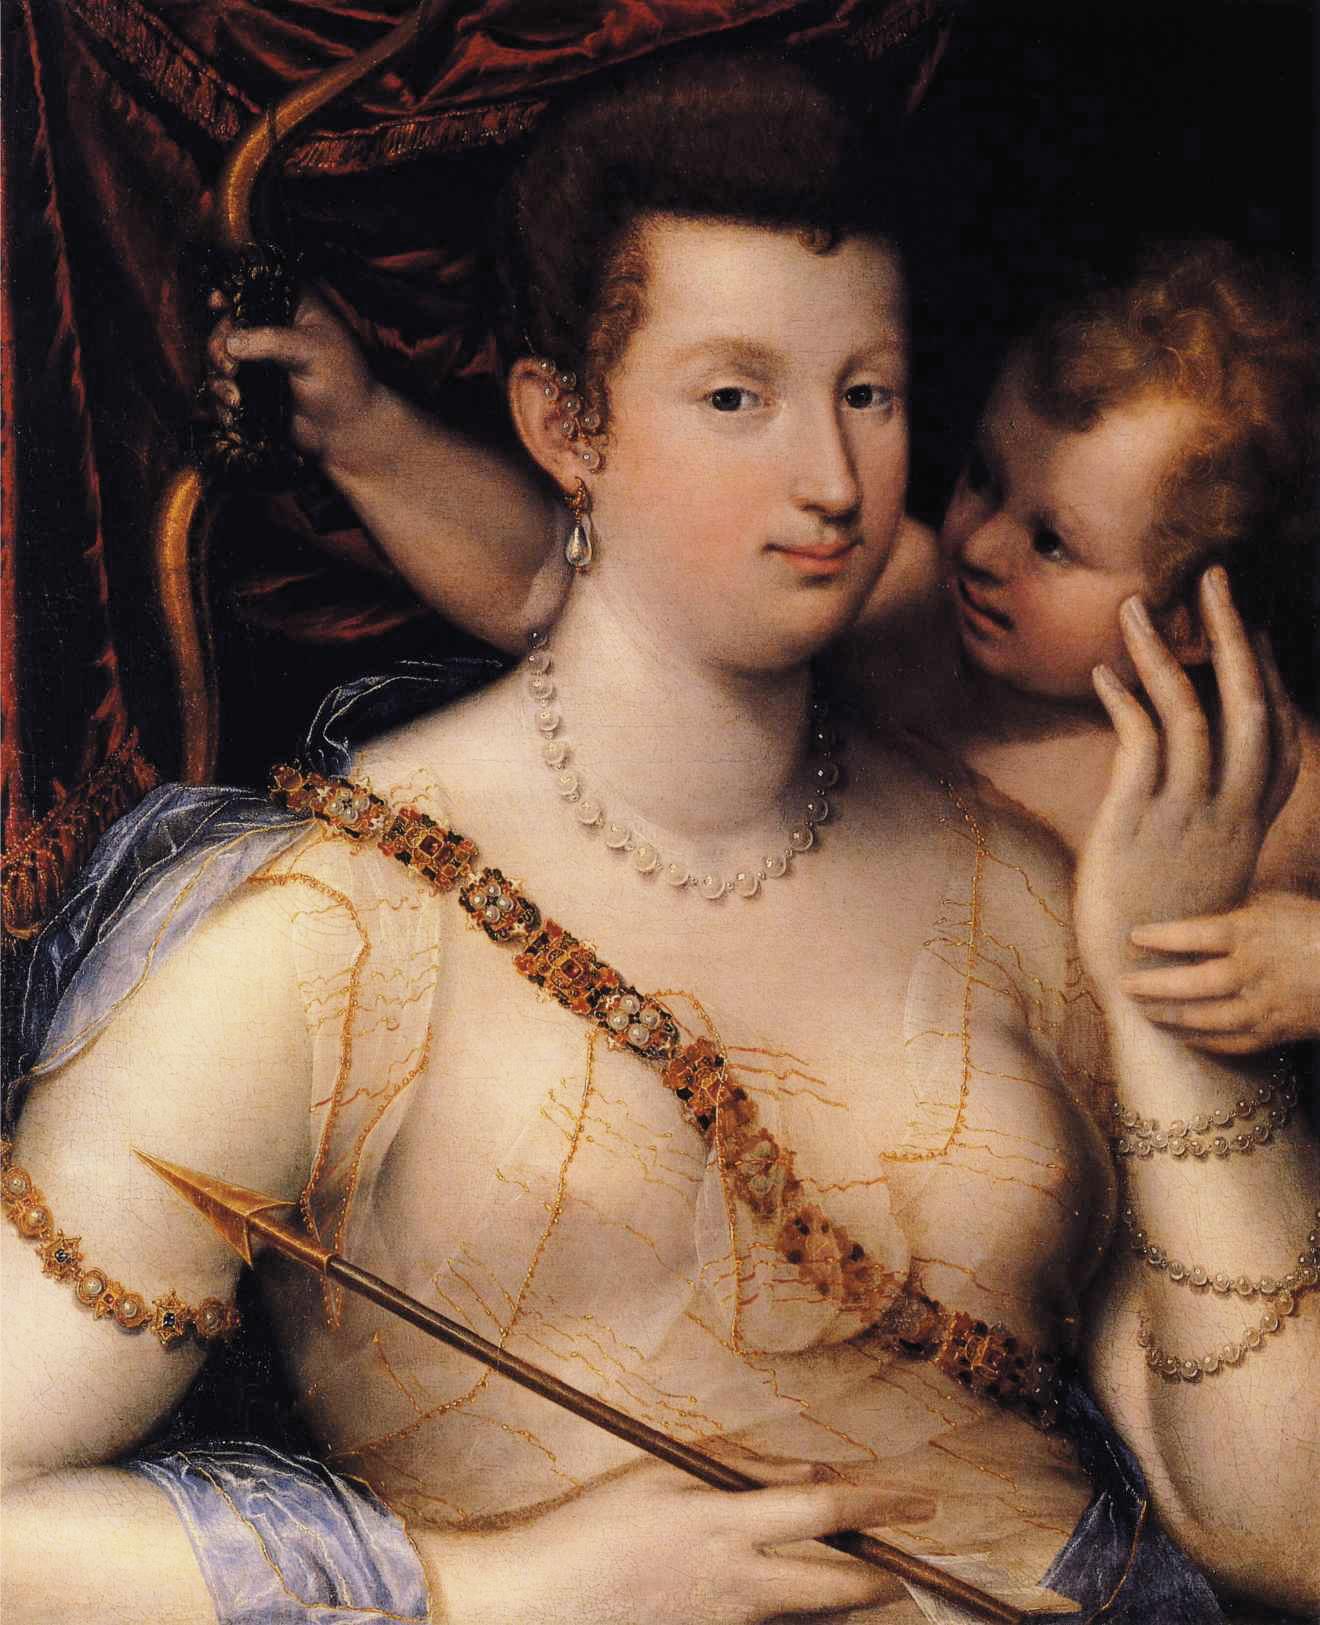 Lavinia Fontana, Isabella Ruini come Venere, 1592